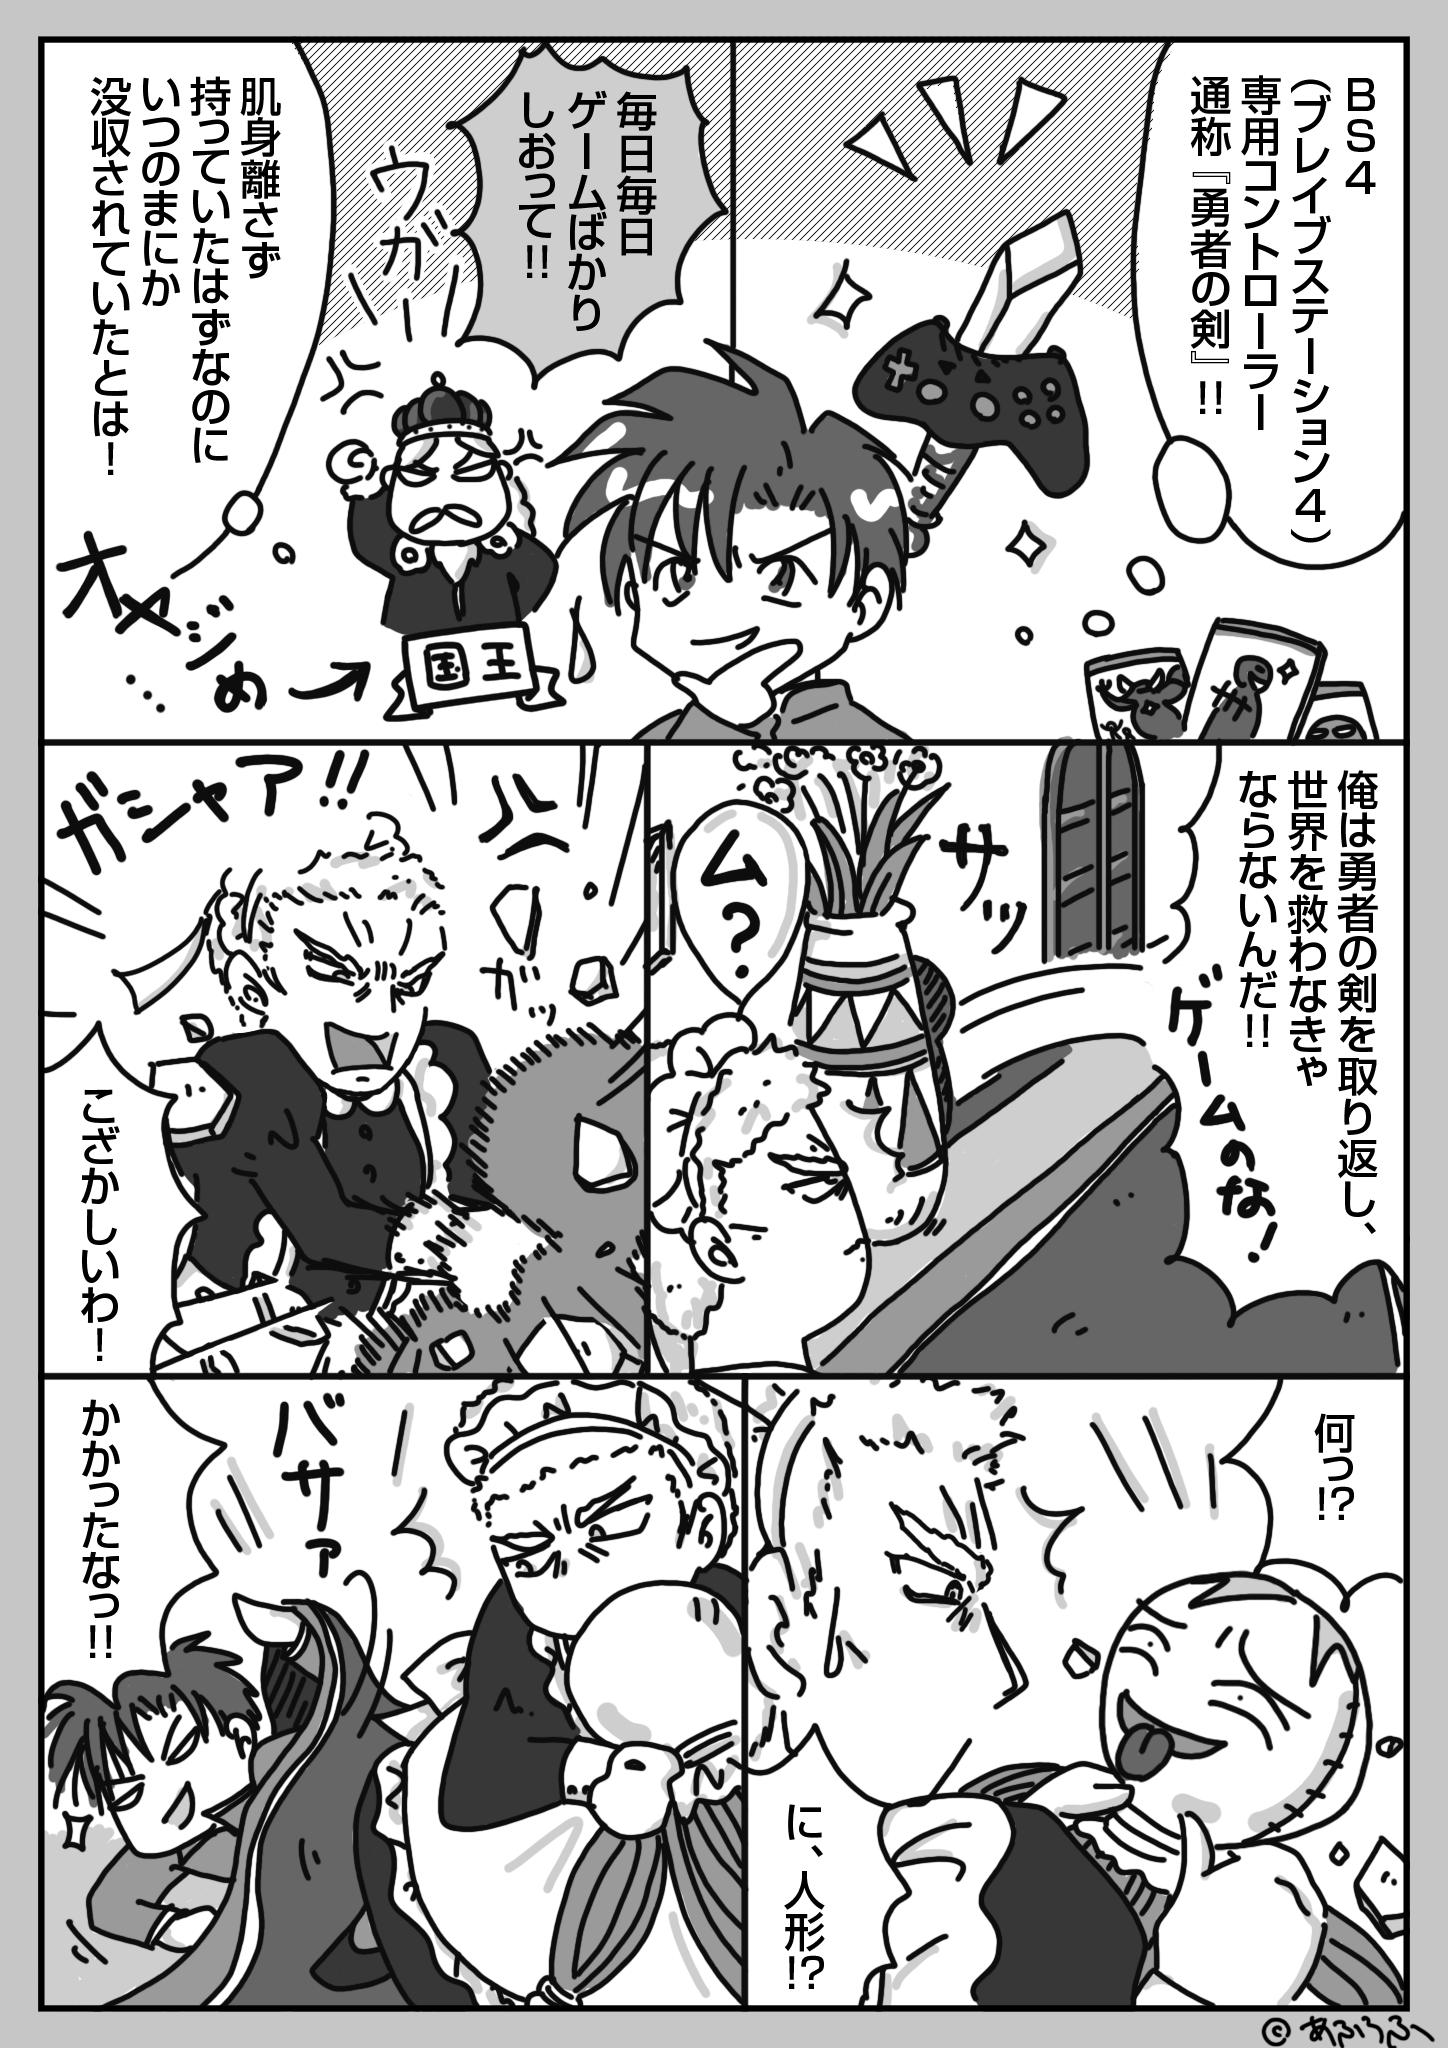 2話(2)『Say YES to new adventures! 〜追い出された勇者〜』